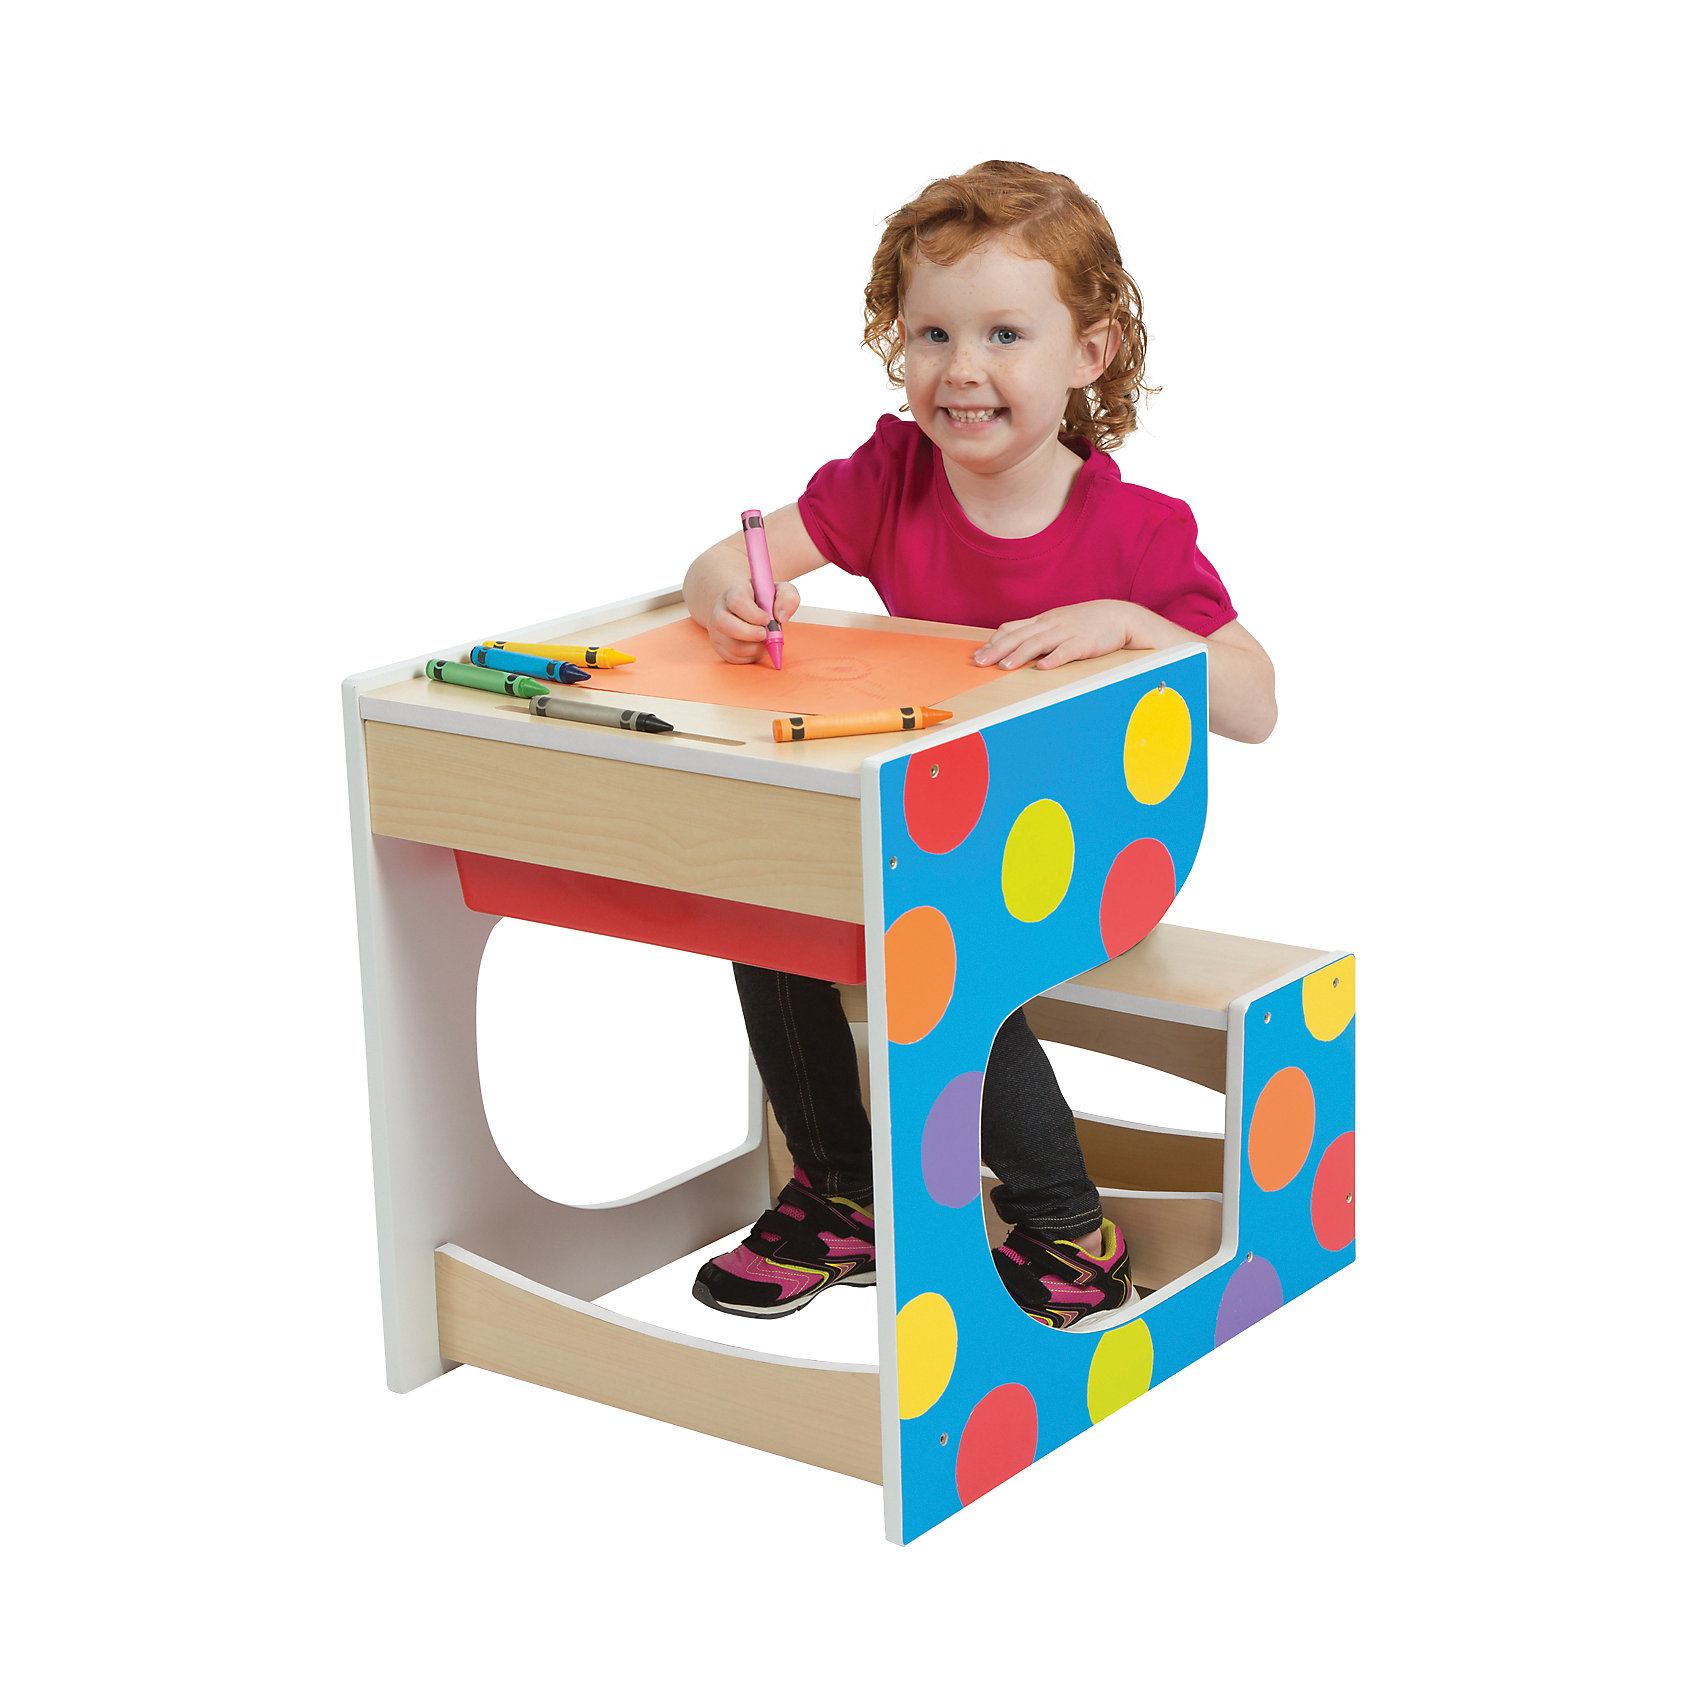 Стол-парта со скамейкой, ALEXСтол-парта со скамейкой, ALEX – дополнит интерьер детской комнаты и прекрасно подойдет для занятий и игр.<br>Деревянная стол-парта со скамейкой от ALEX (АЛЕКС) — это отличная возможность организовать для ребенка пространство для игр и первых занятий. За этим столом можно рисовать, раскрашивать, собирать конструктор или делать первые шаги на учебном поприще. На поверхности стола можно рисовать мелом. В столе есть вместительный пластиковый ящик для хранения необходимых художественных и учебных принадлежностей. Эргономичный дизайн стола-парты и яркое оформление делают его прекрасным дополнением интерьера детской комнаты. Изделие изготовлено из высококачественных материалов.<br><br>Дополнительная информация:<br><br>- Размер стола-парты: 52х48х61 см.<br>- Материал: древесина, пластик<br>- Размеры упаковки: 138,4х12,1х75,6 см.<br>- Вес: 26 кг.<br><br>Стол-парту со скамейкой, ALEX (АЛЕКС) можно купить в нашем интернет-магазине.<br><br>Ширина мм: 1384<br>Глубина мм: 121<br>Высота мм: 756<br>Вес г: 26082<br>Возраст от месяцев: 36<br>Возраст до месяцев: 72<br>Пол: Унисекс<br>Возраст: Детский<br>SKU: 4556958